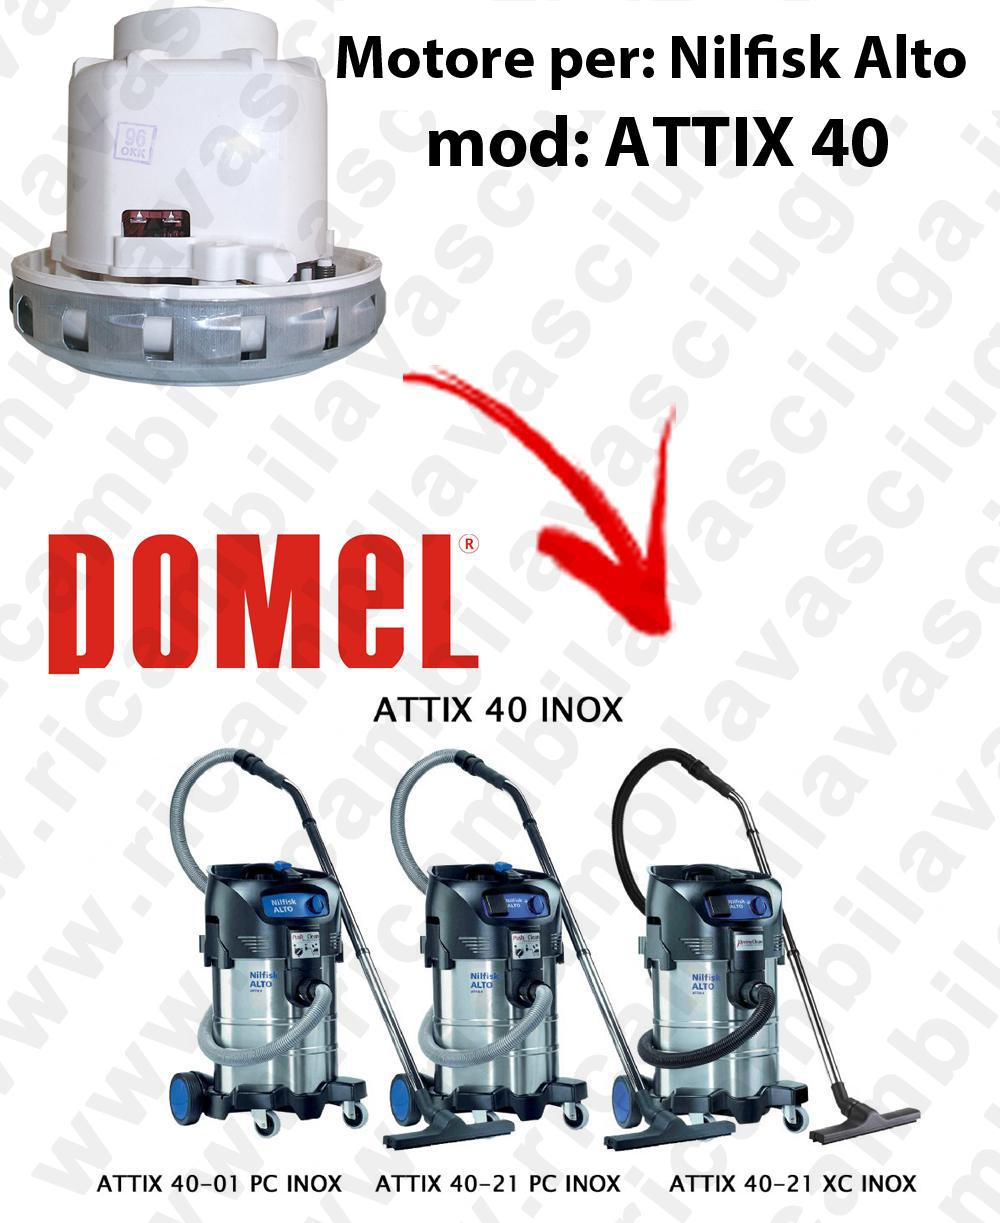 MOTORE DOMEL  para ATTIX 40 aspiradora NILFISK ALTO